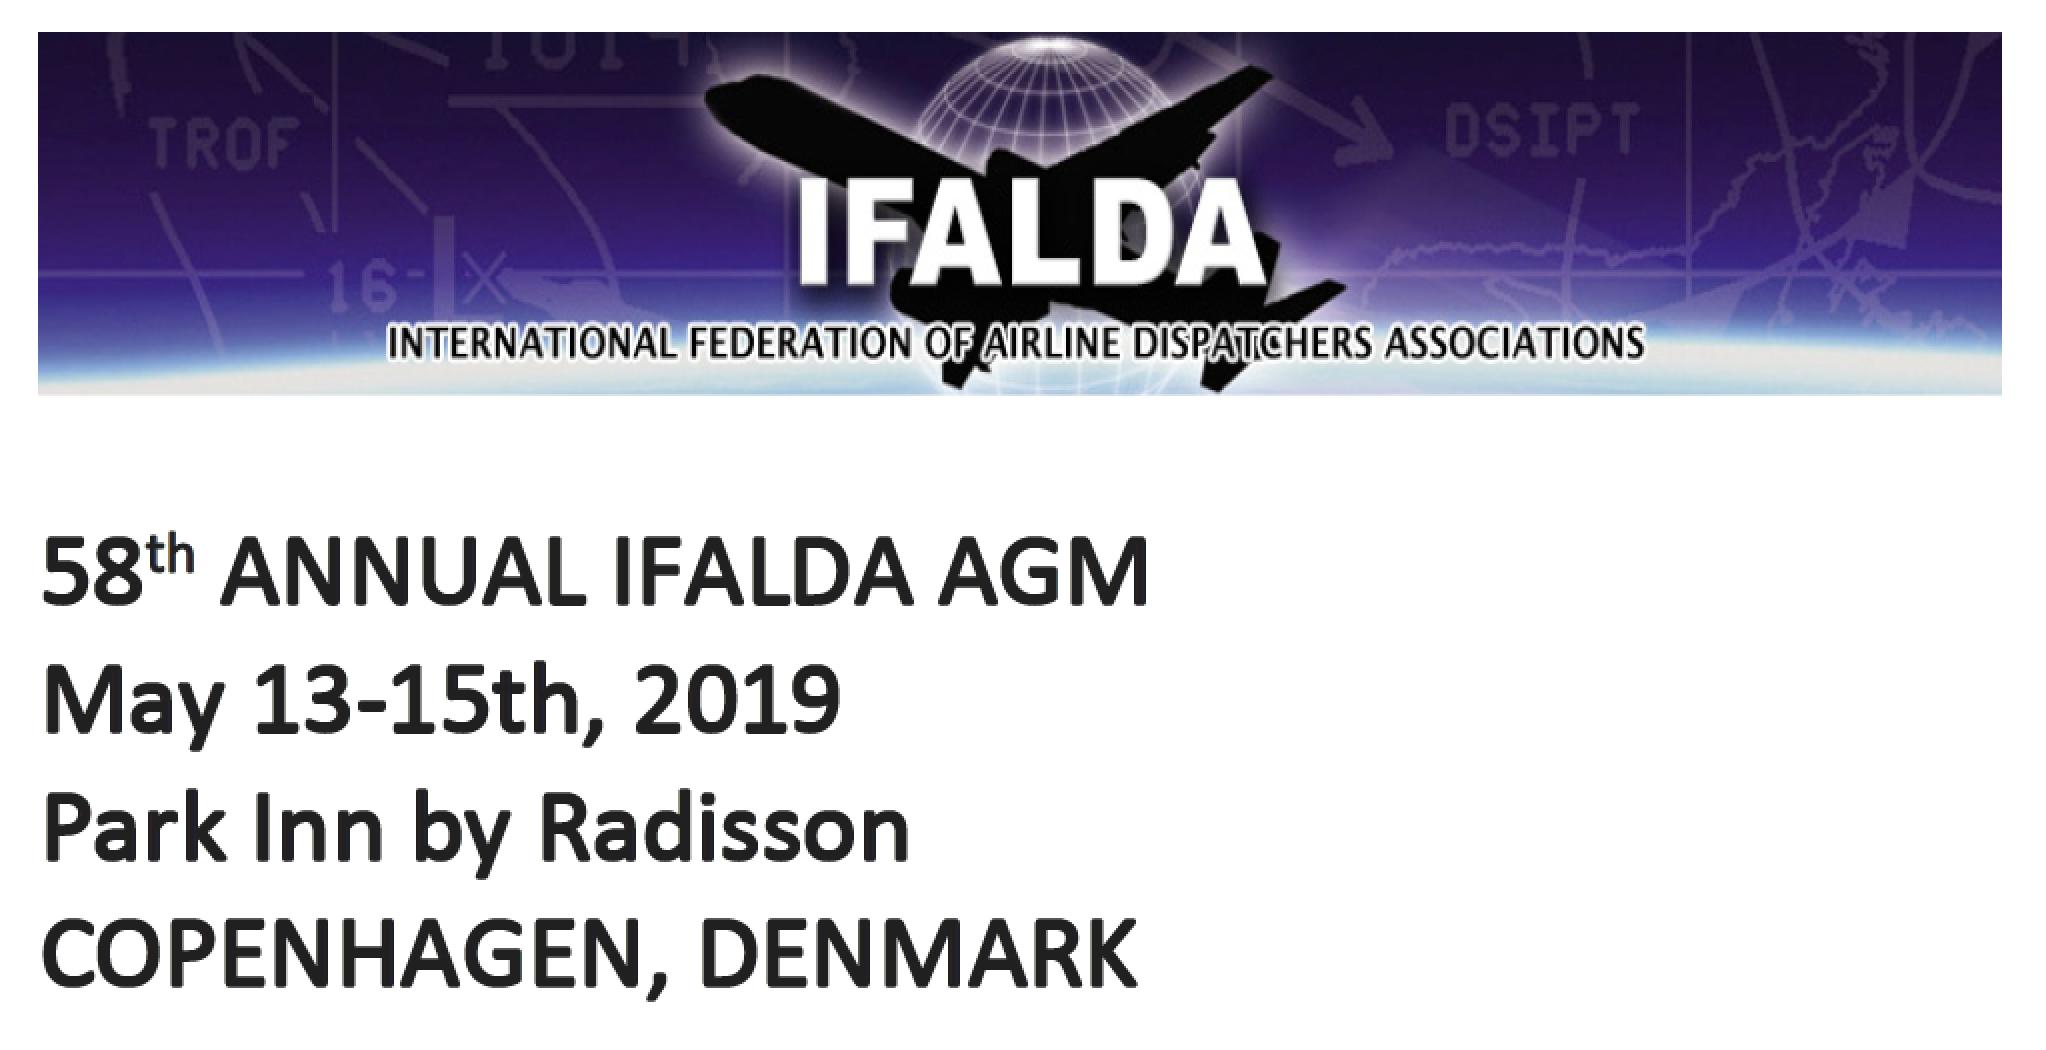 Agenda EUFALDA/IFALDA AGM in Copenhagen